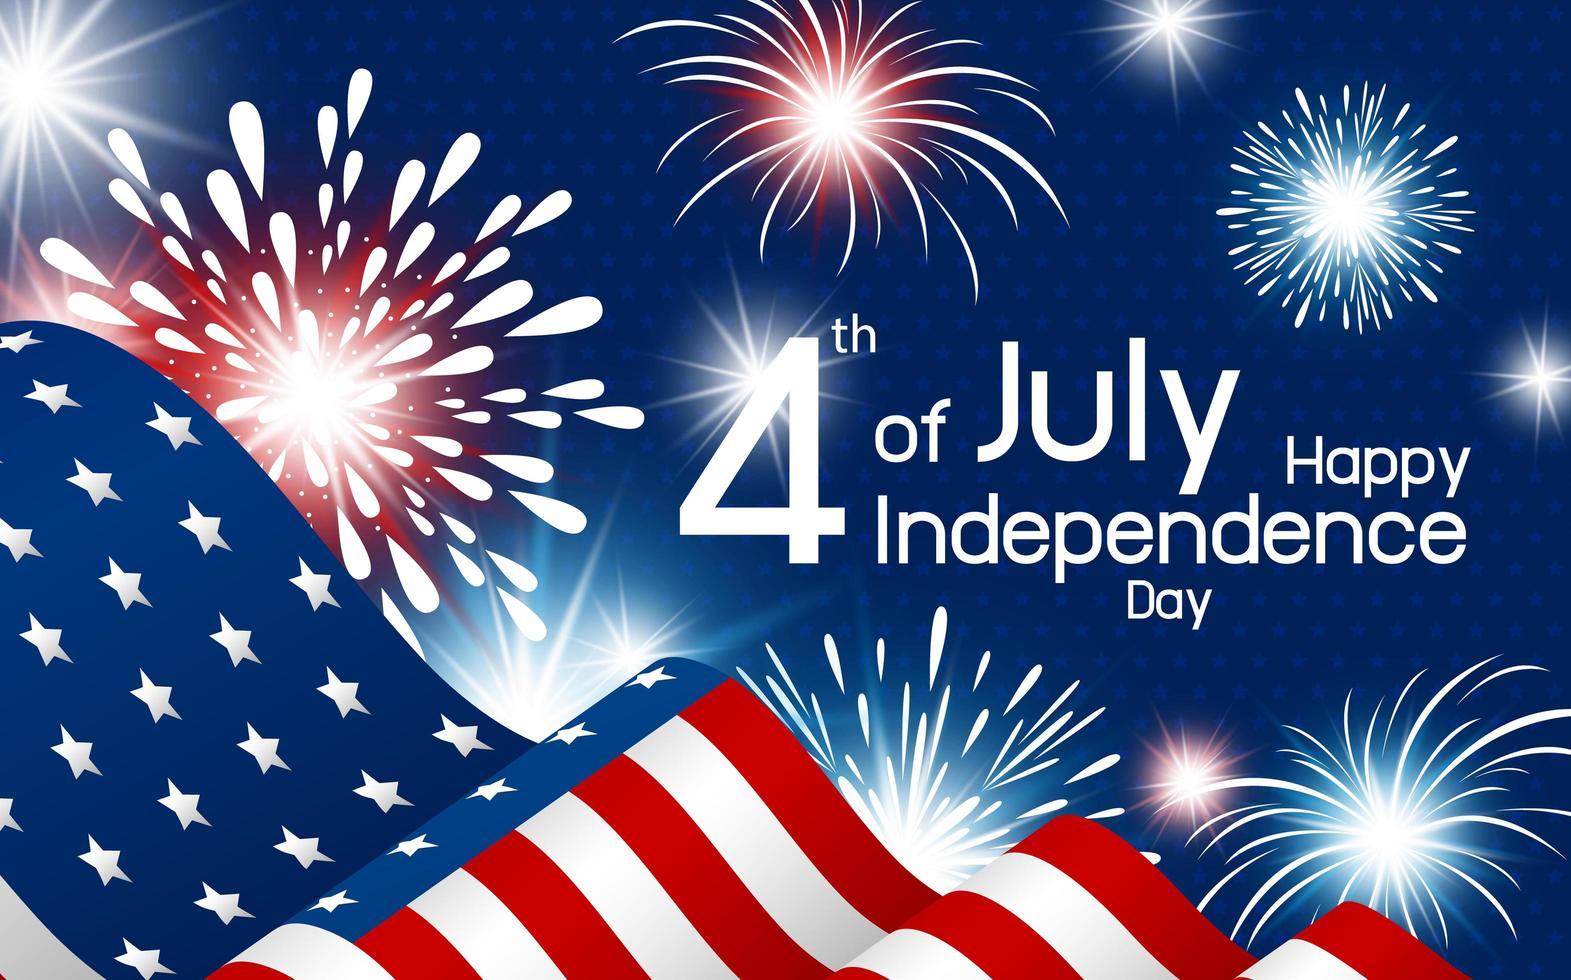 felice giorno dell'indipendenza poster con bandiera e fuochi d'artificio vettore